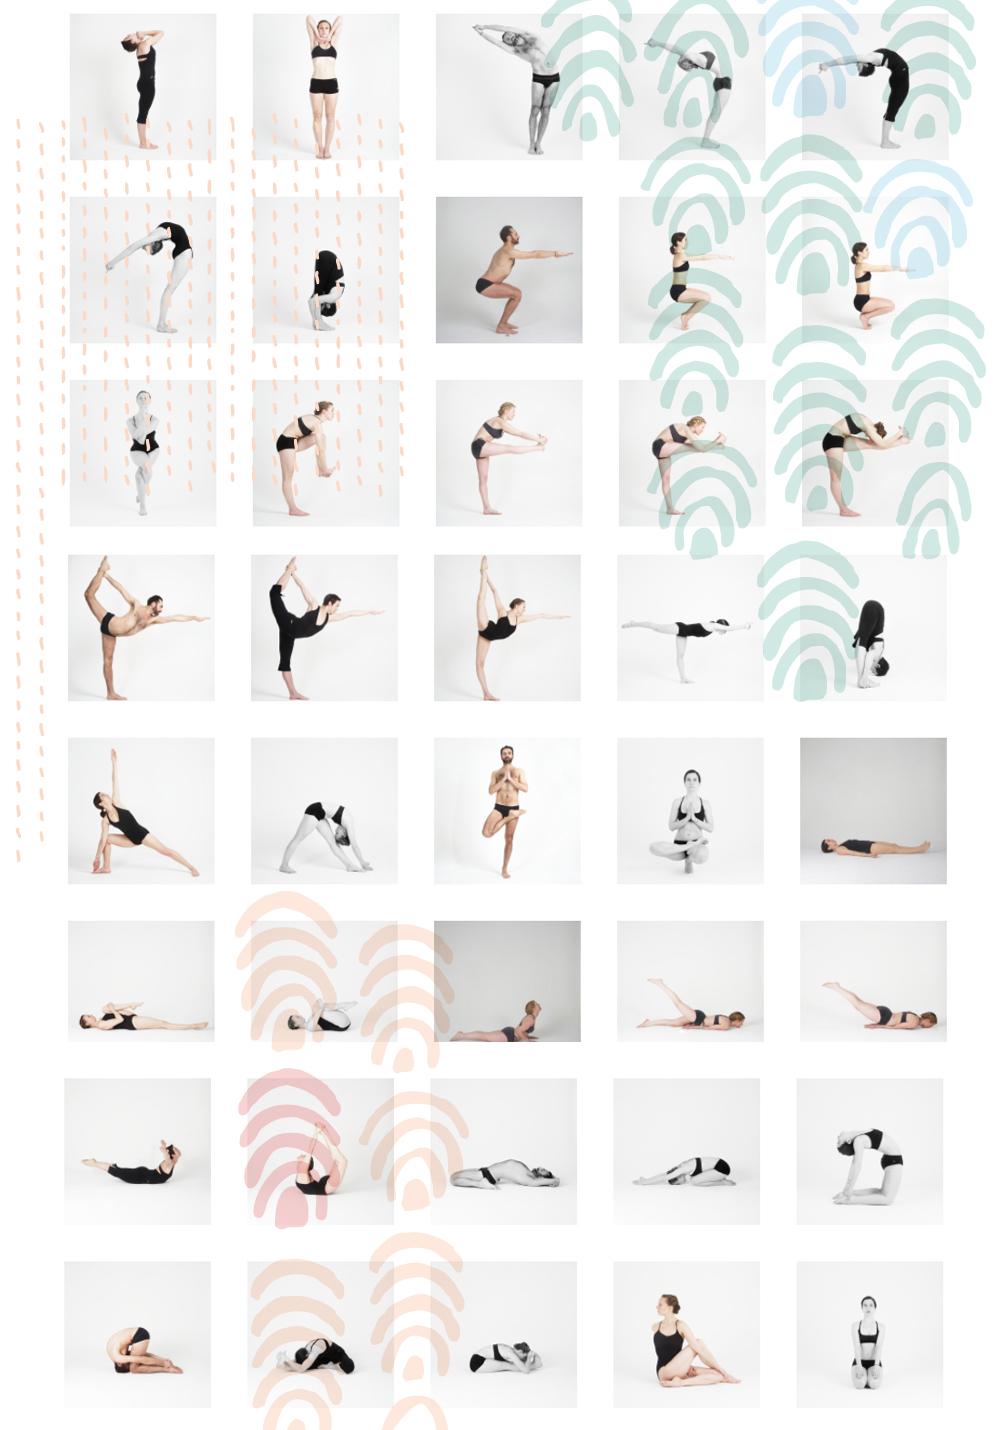 Air Chic Design:disque externe:EXOChic:1 -POSTS:1 - ARTICLES:2018:01- JANVIER:04 Yoga Bikram:visuel blog:yoga bikram exochic 7.jpg